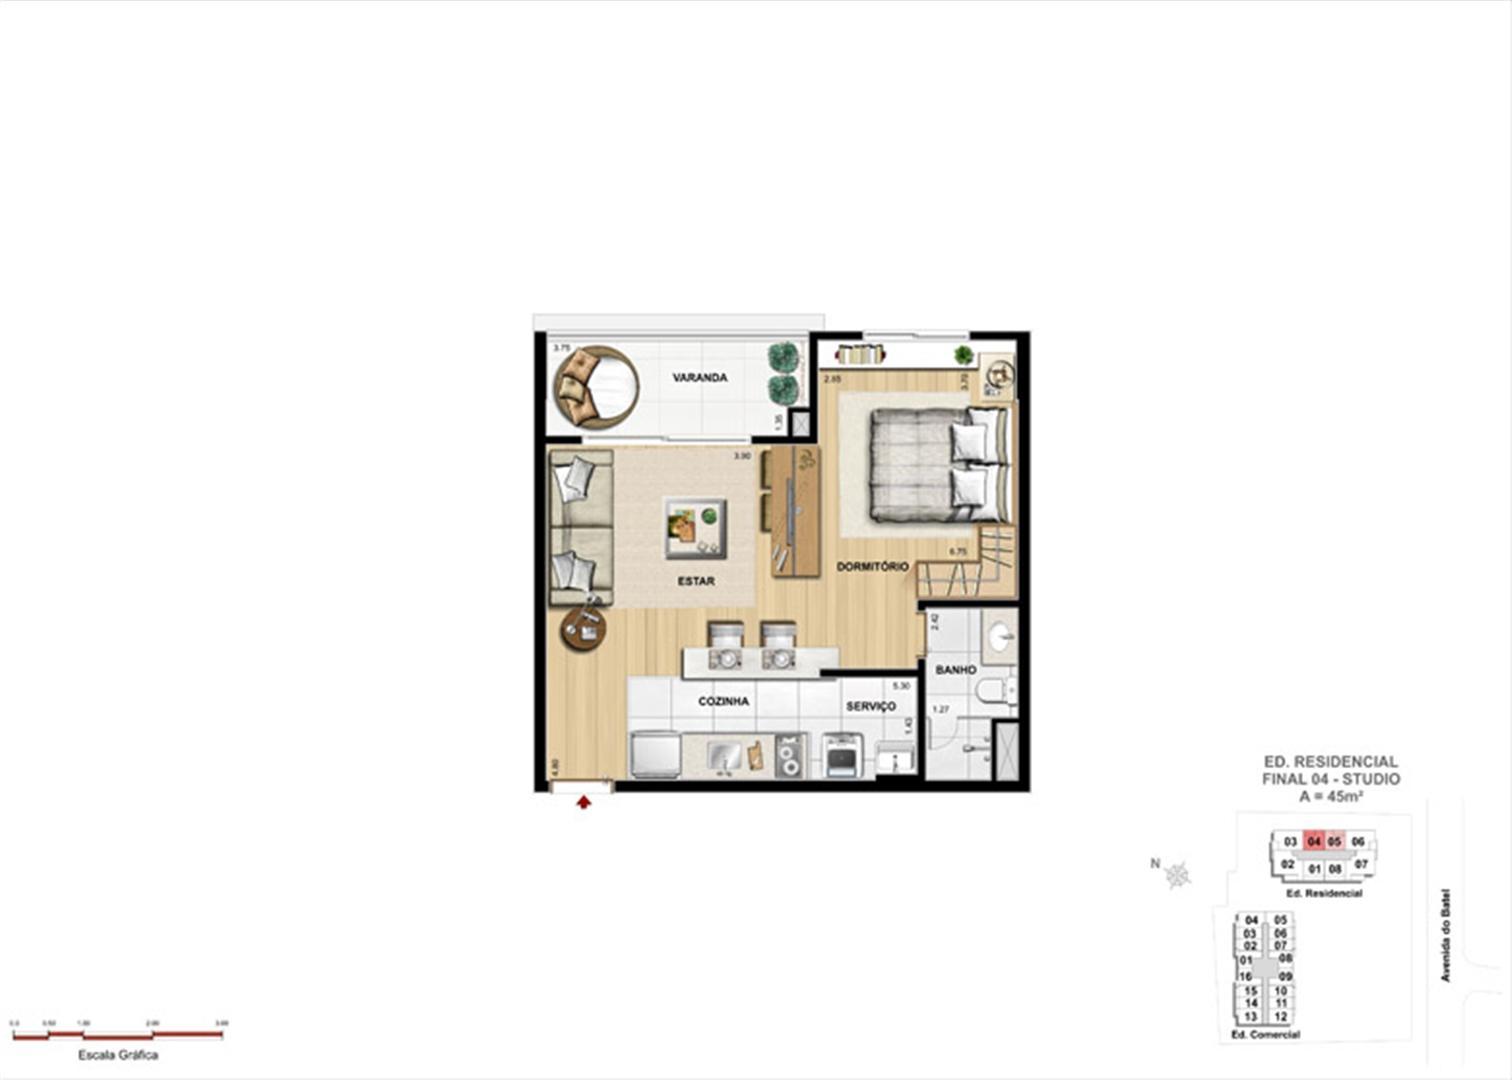 Apartamento Studio | 1550 Batel (Home Batel) – Apartamento no  Batel - Curitiba - Paraná